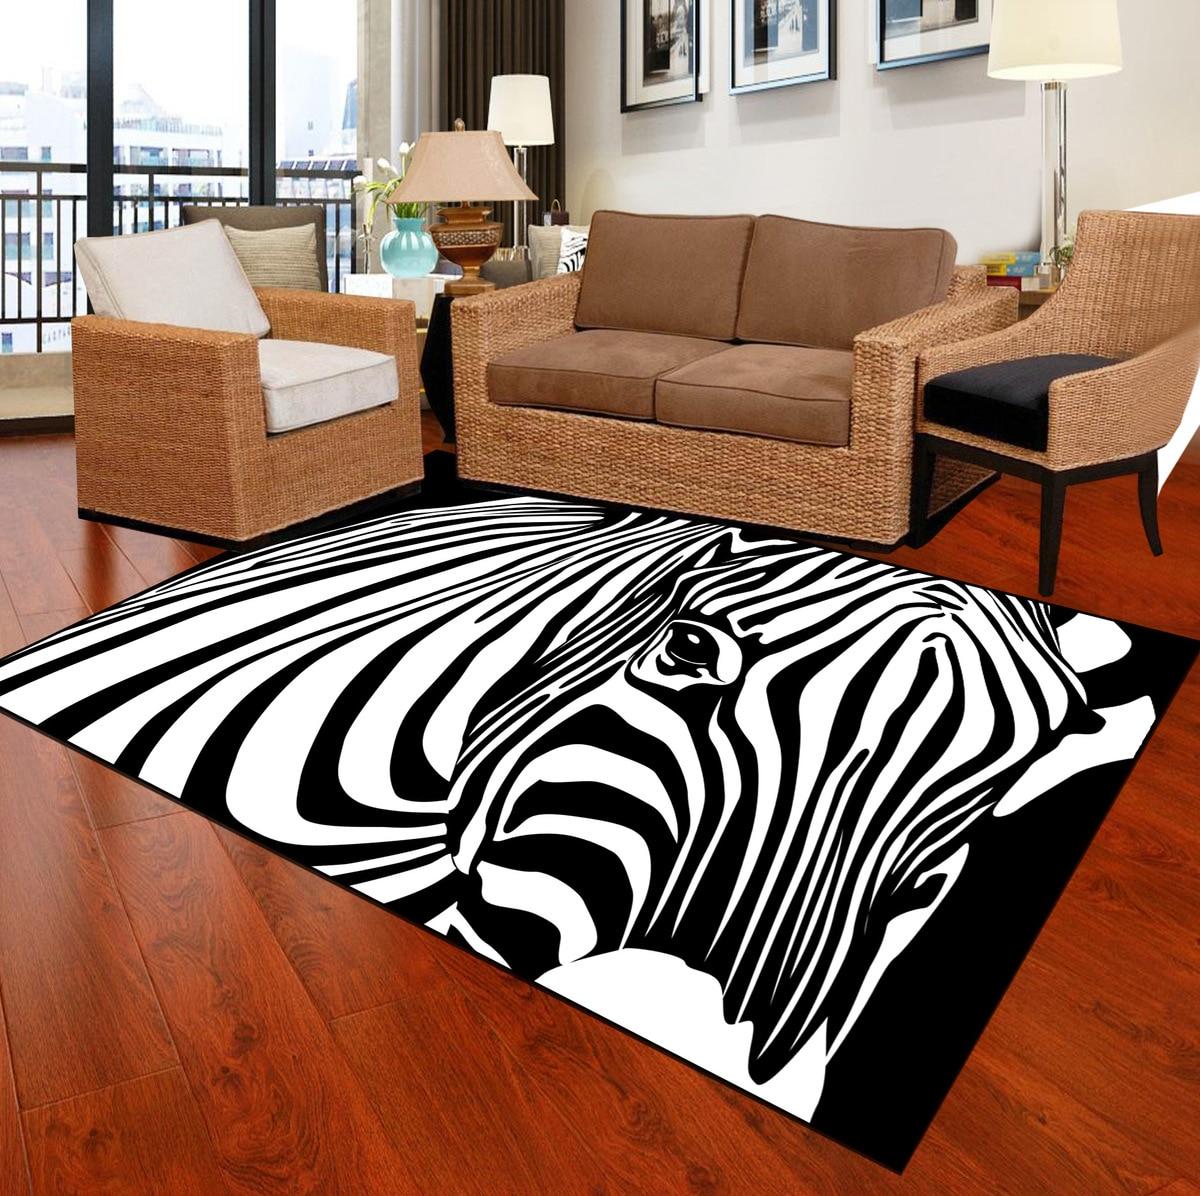 Zebra Rug Large: Zebra Stripe Modern Fashion Large Area Rug For Living Room